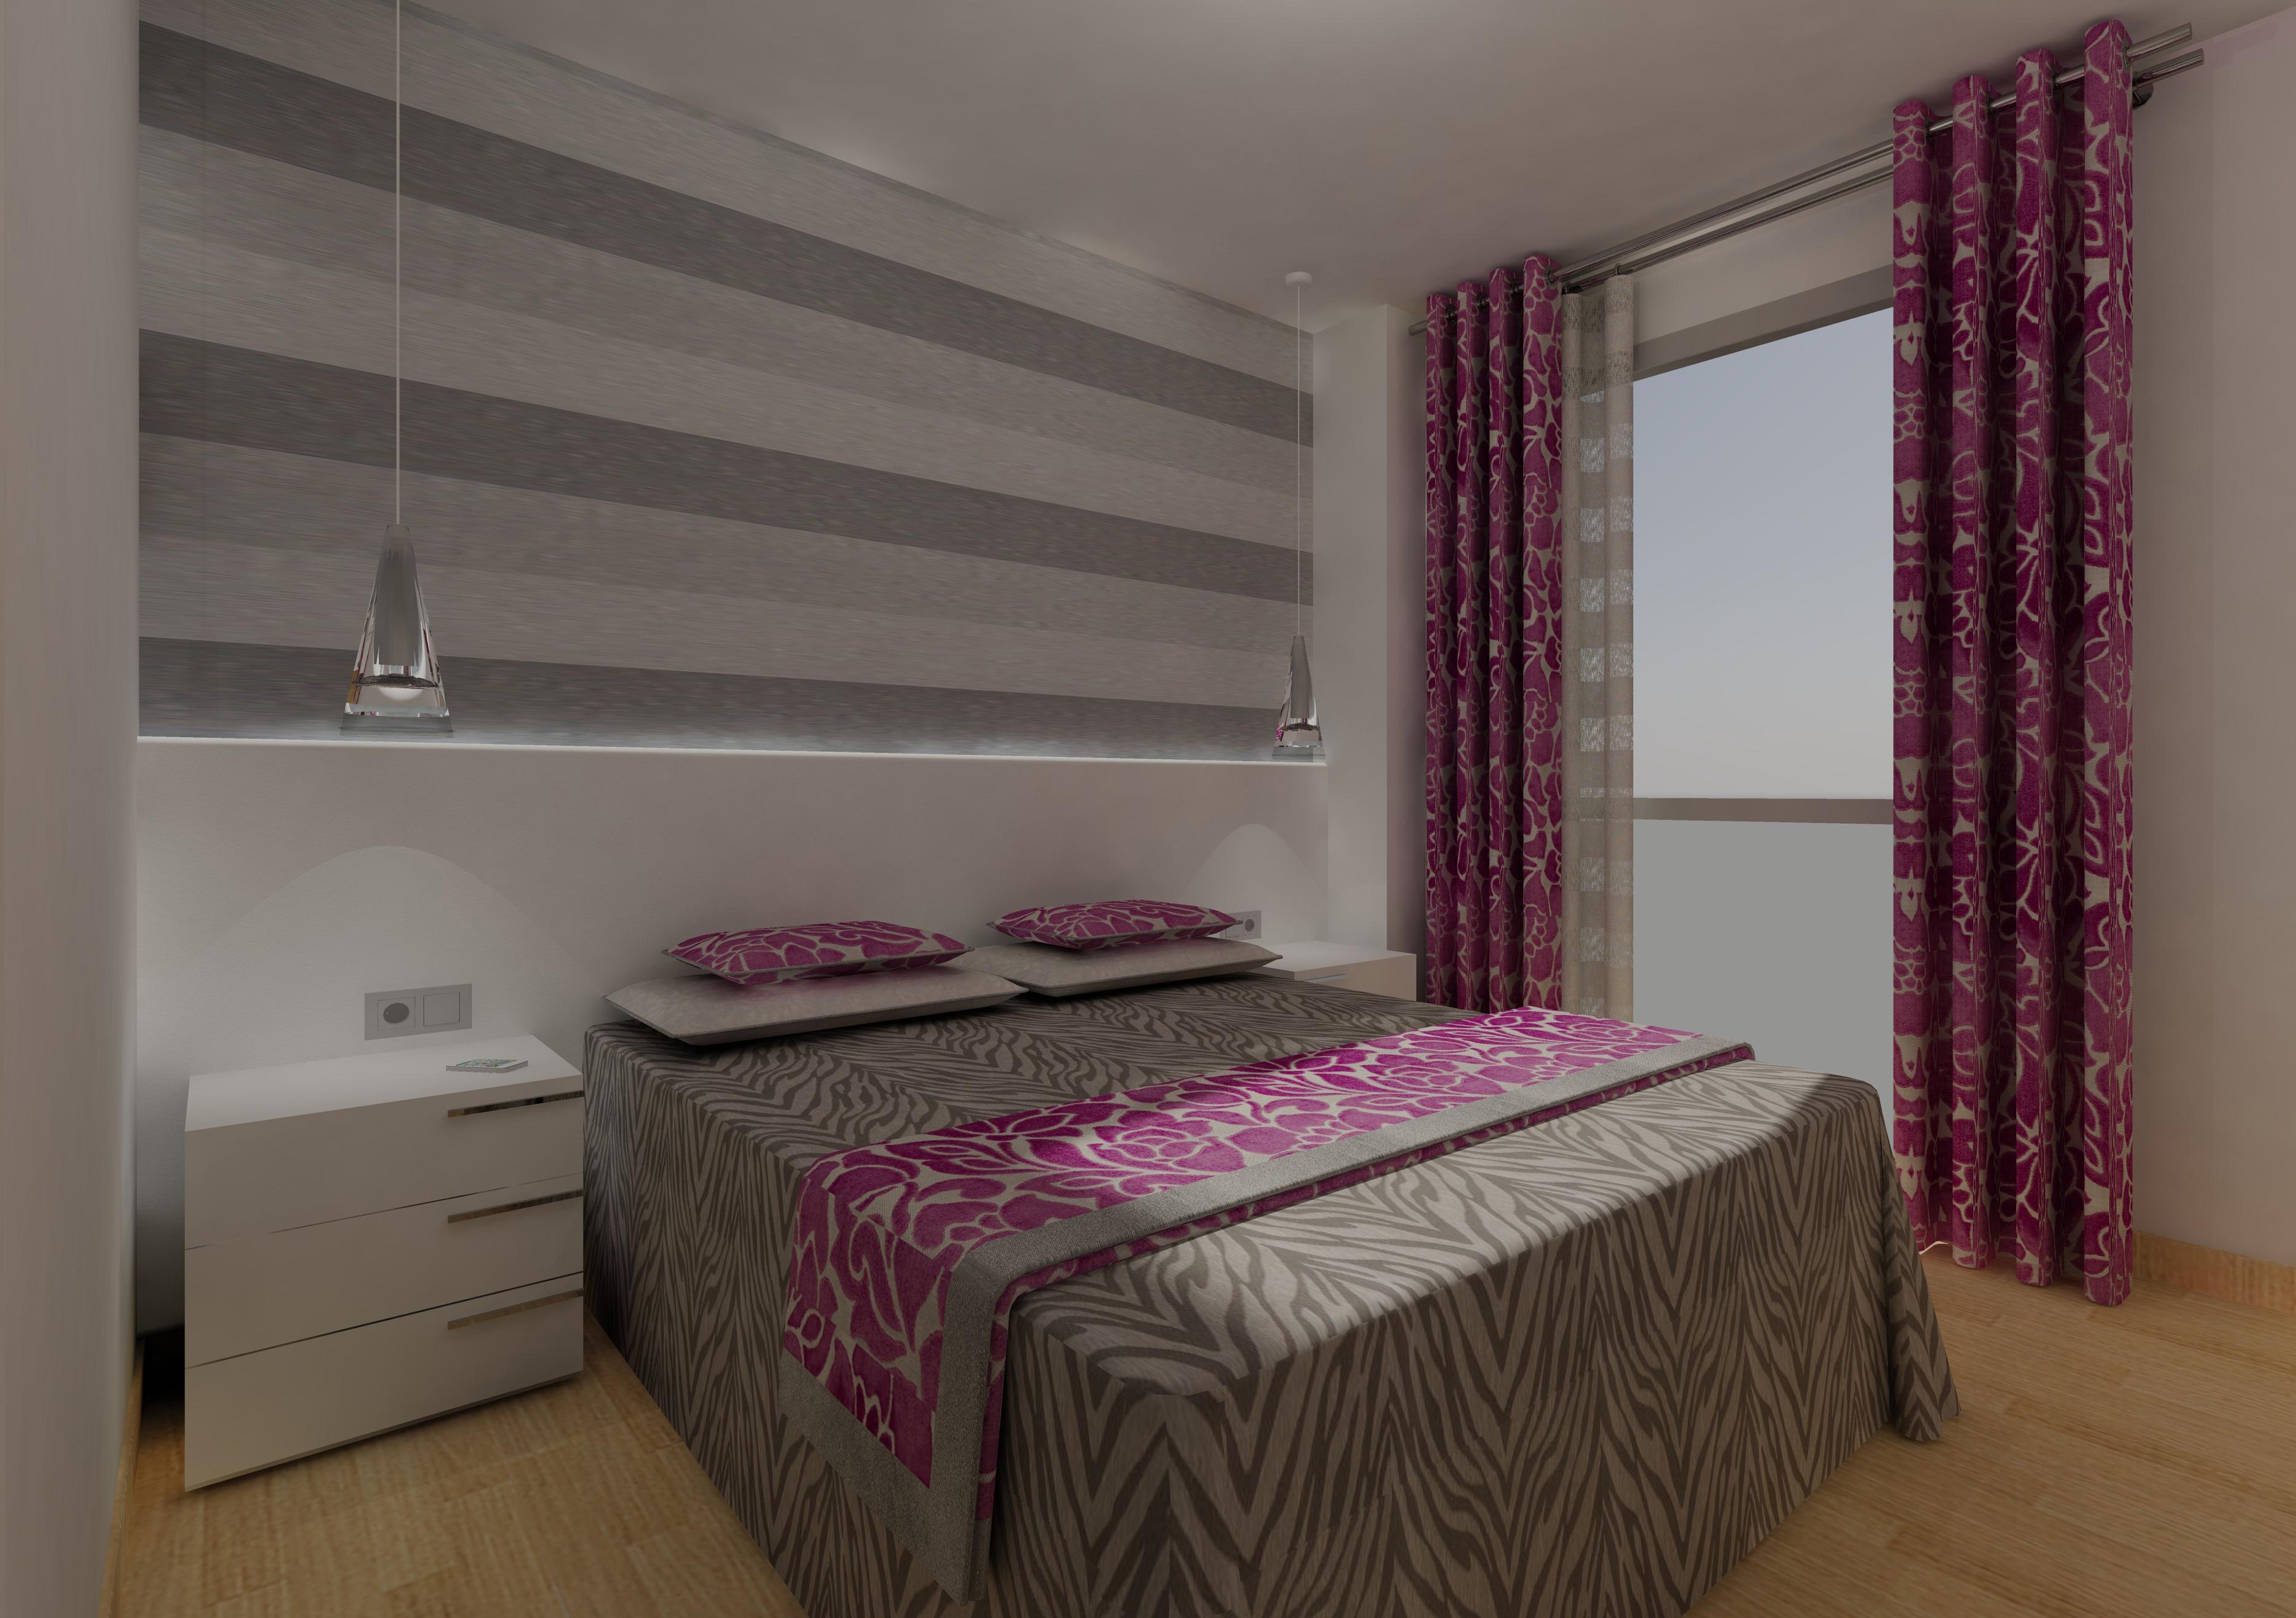 301 moved permanently - Soportes para cortinas ...